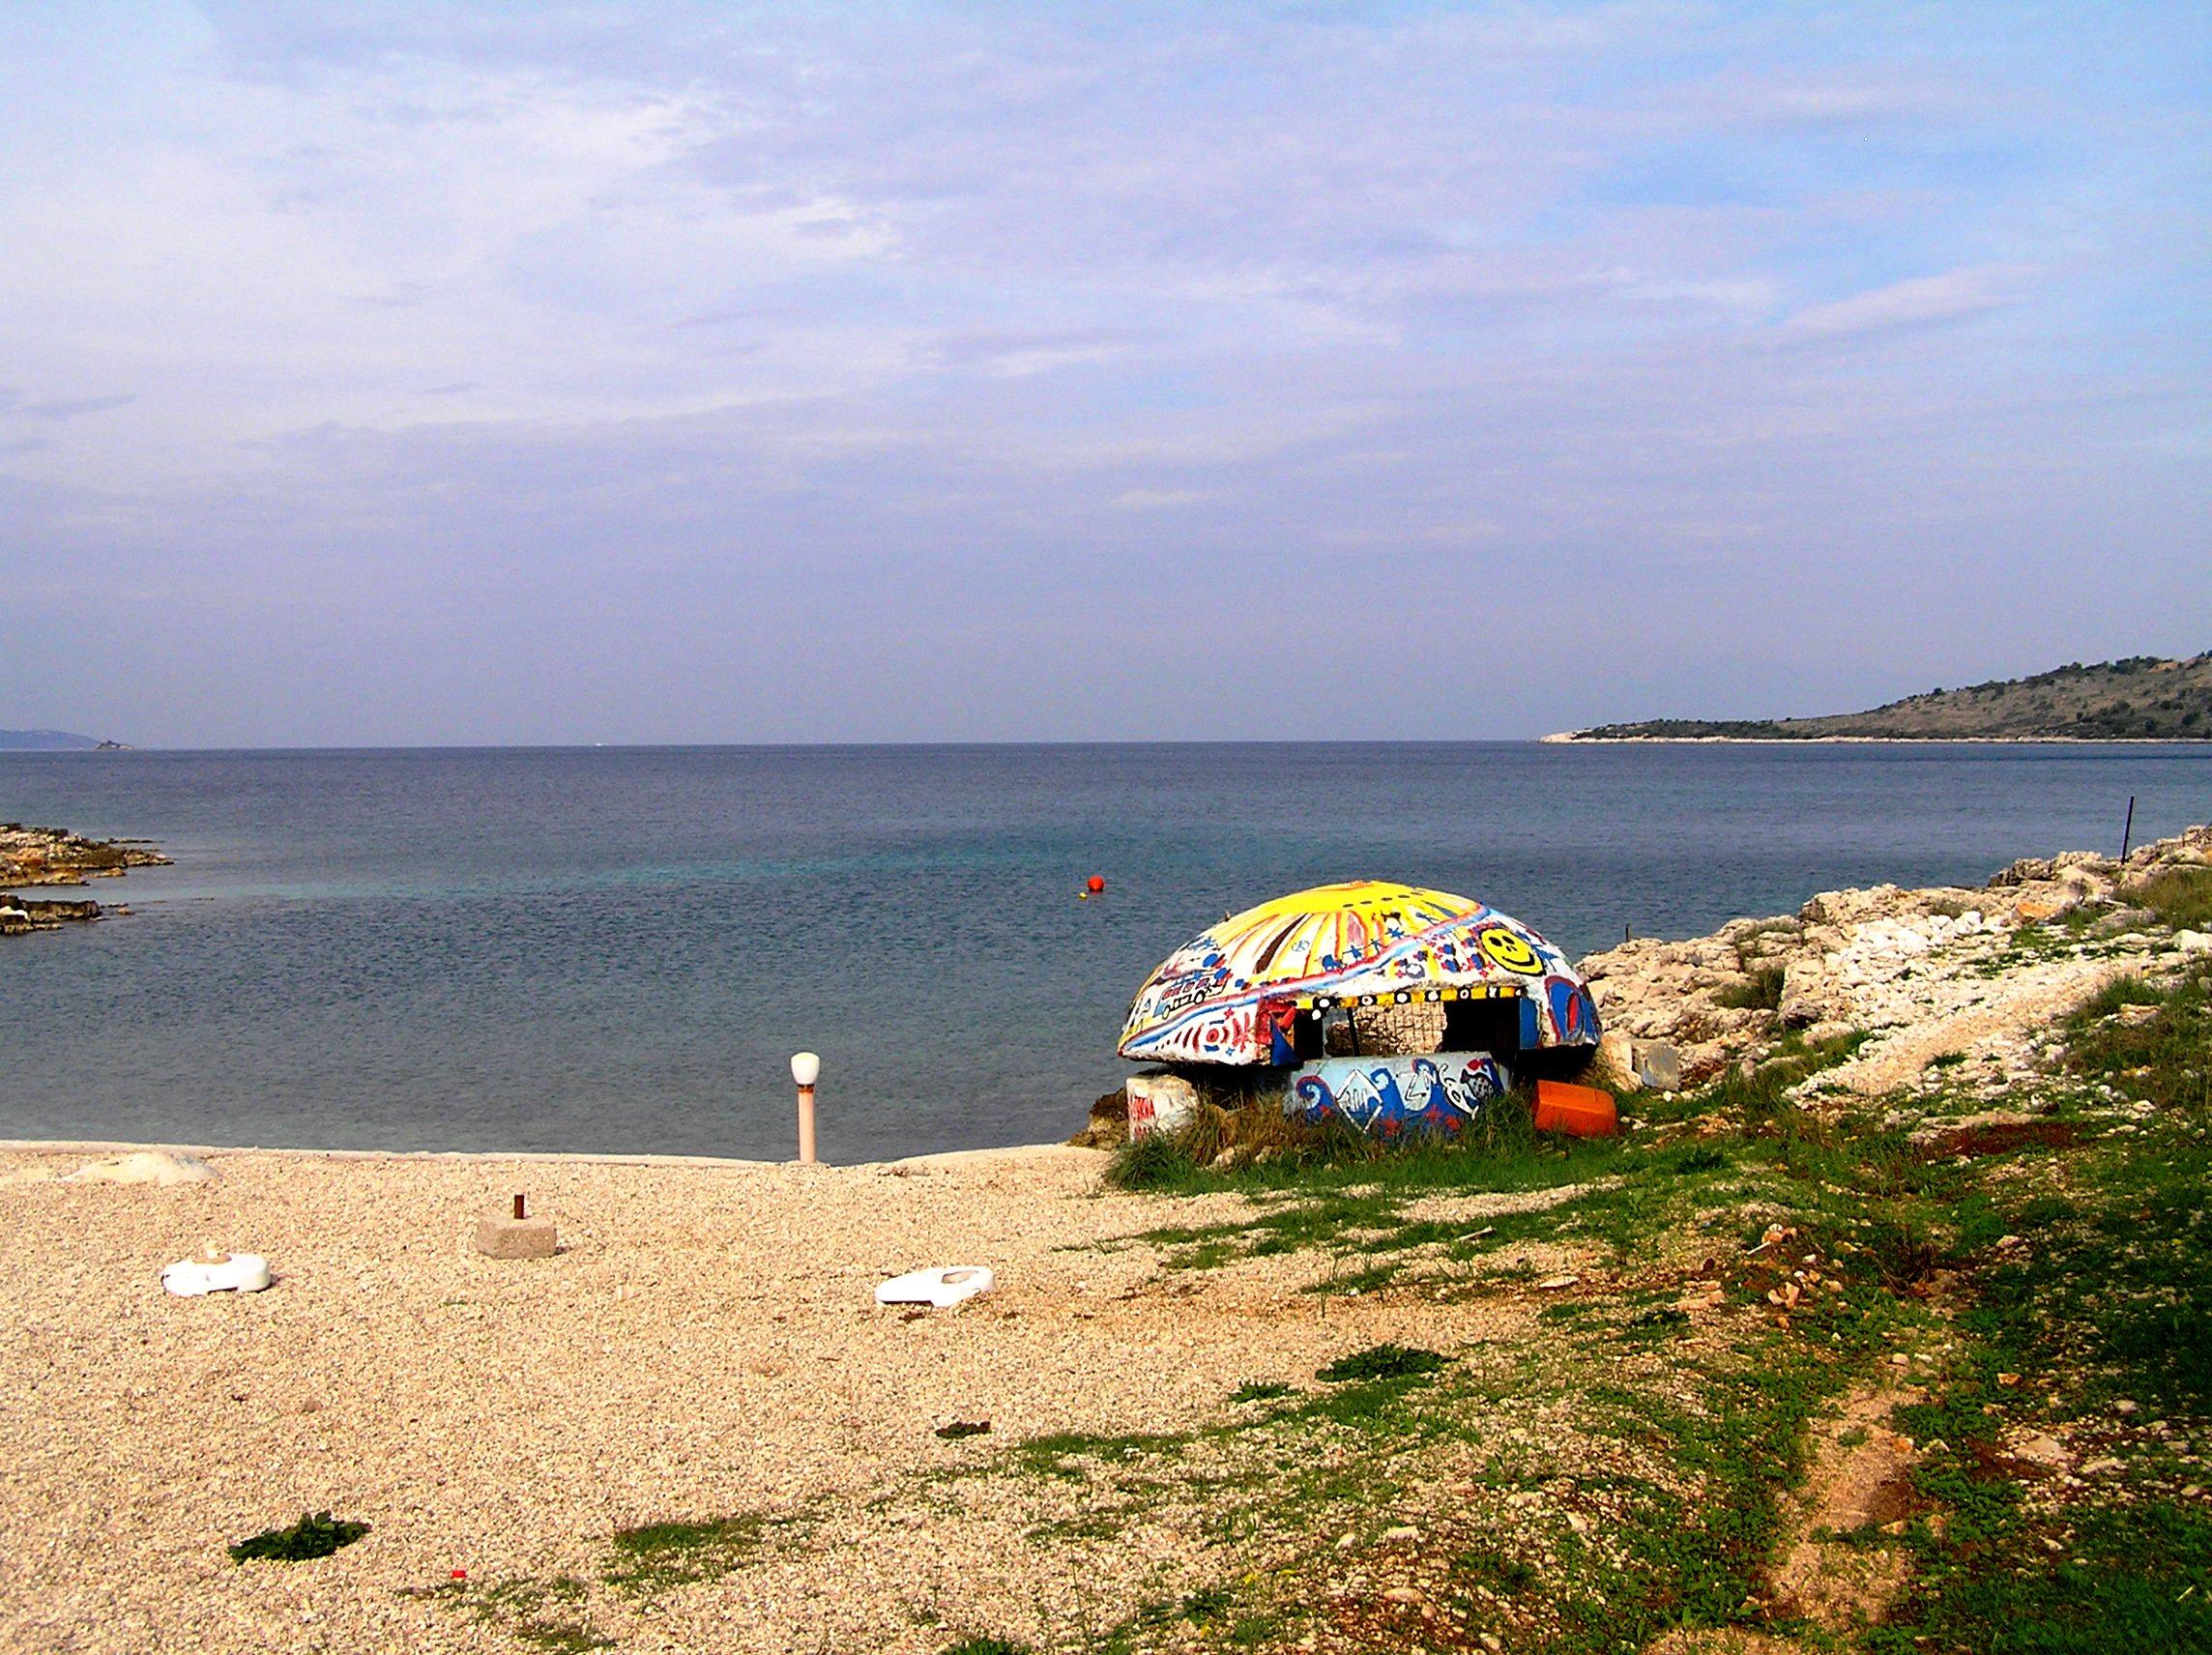 Bunker a Jón-tenger partján 2005-ben. Ma már a strandokon nemigen találni ilyet, a turisták védelmében jó részüket lebontották. (Fotó: Jani haverja)